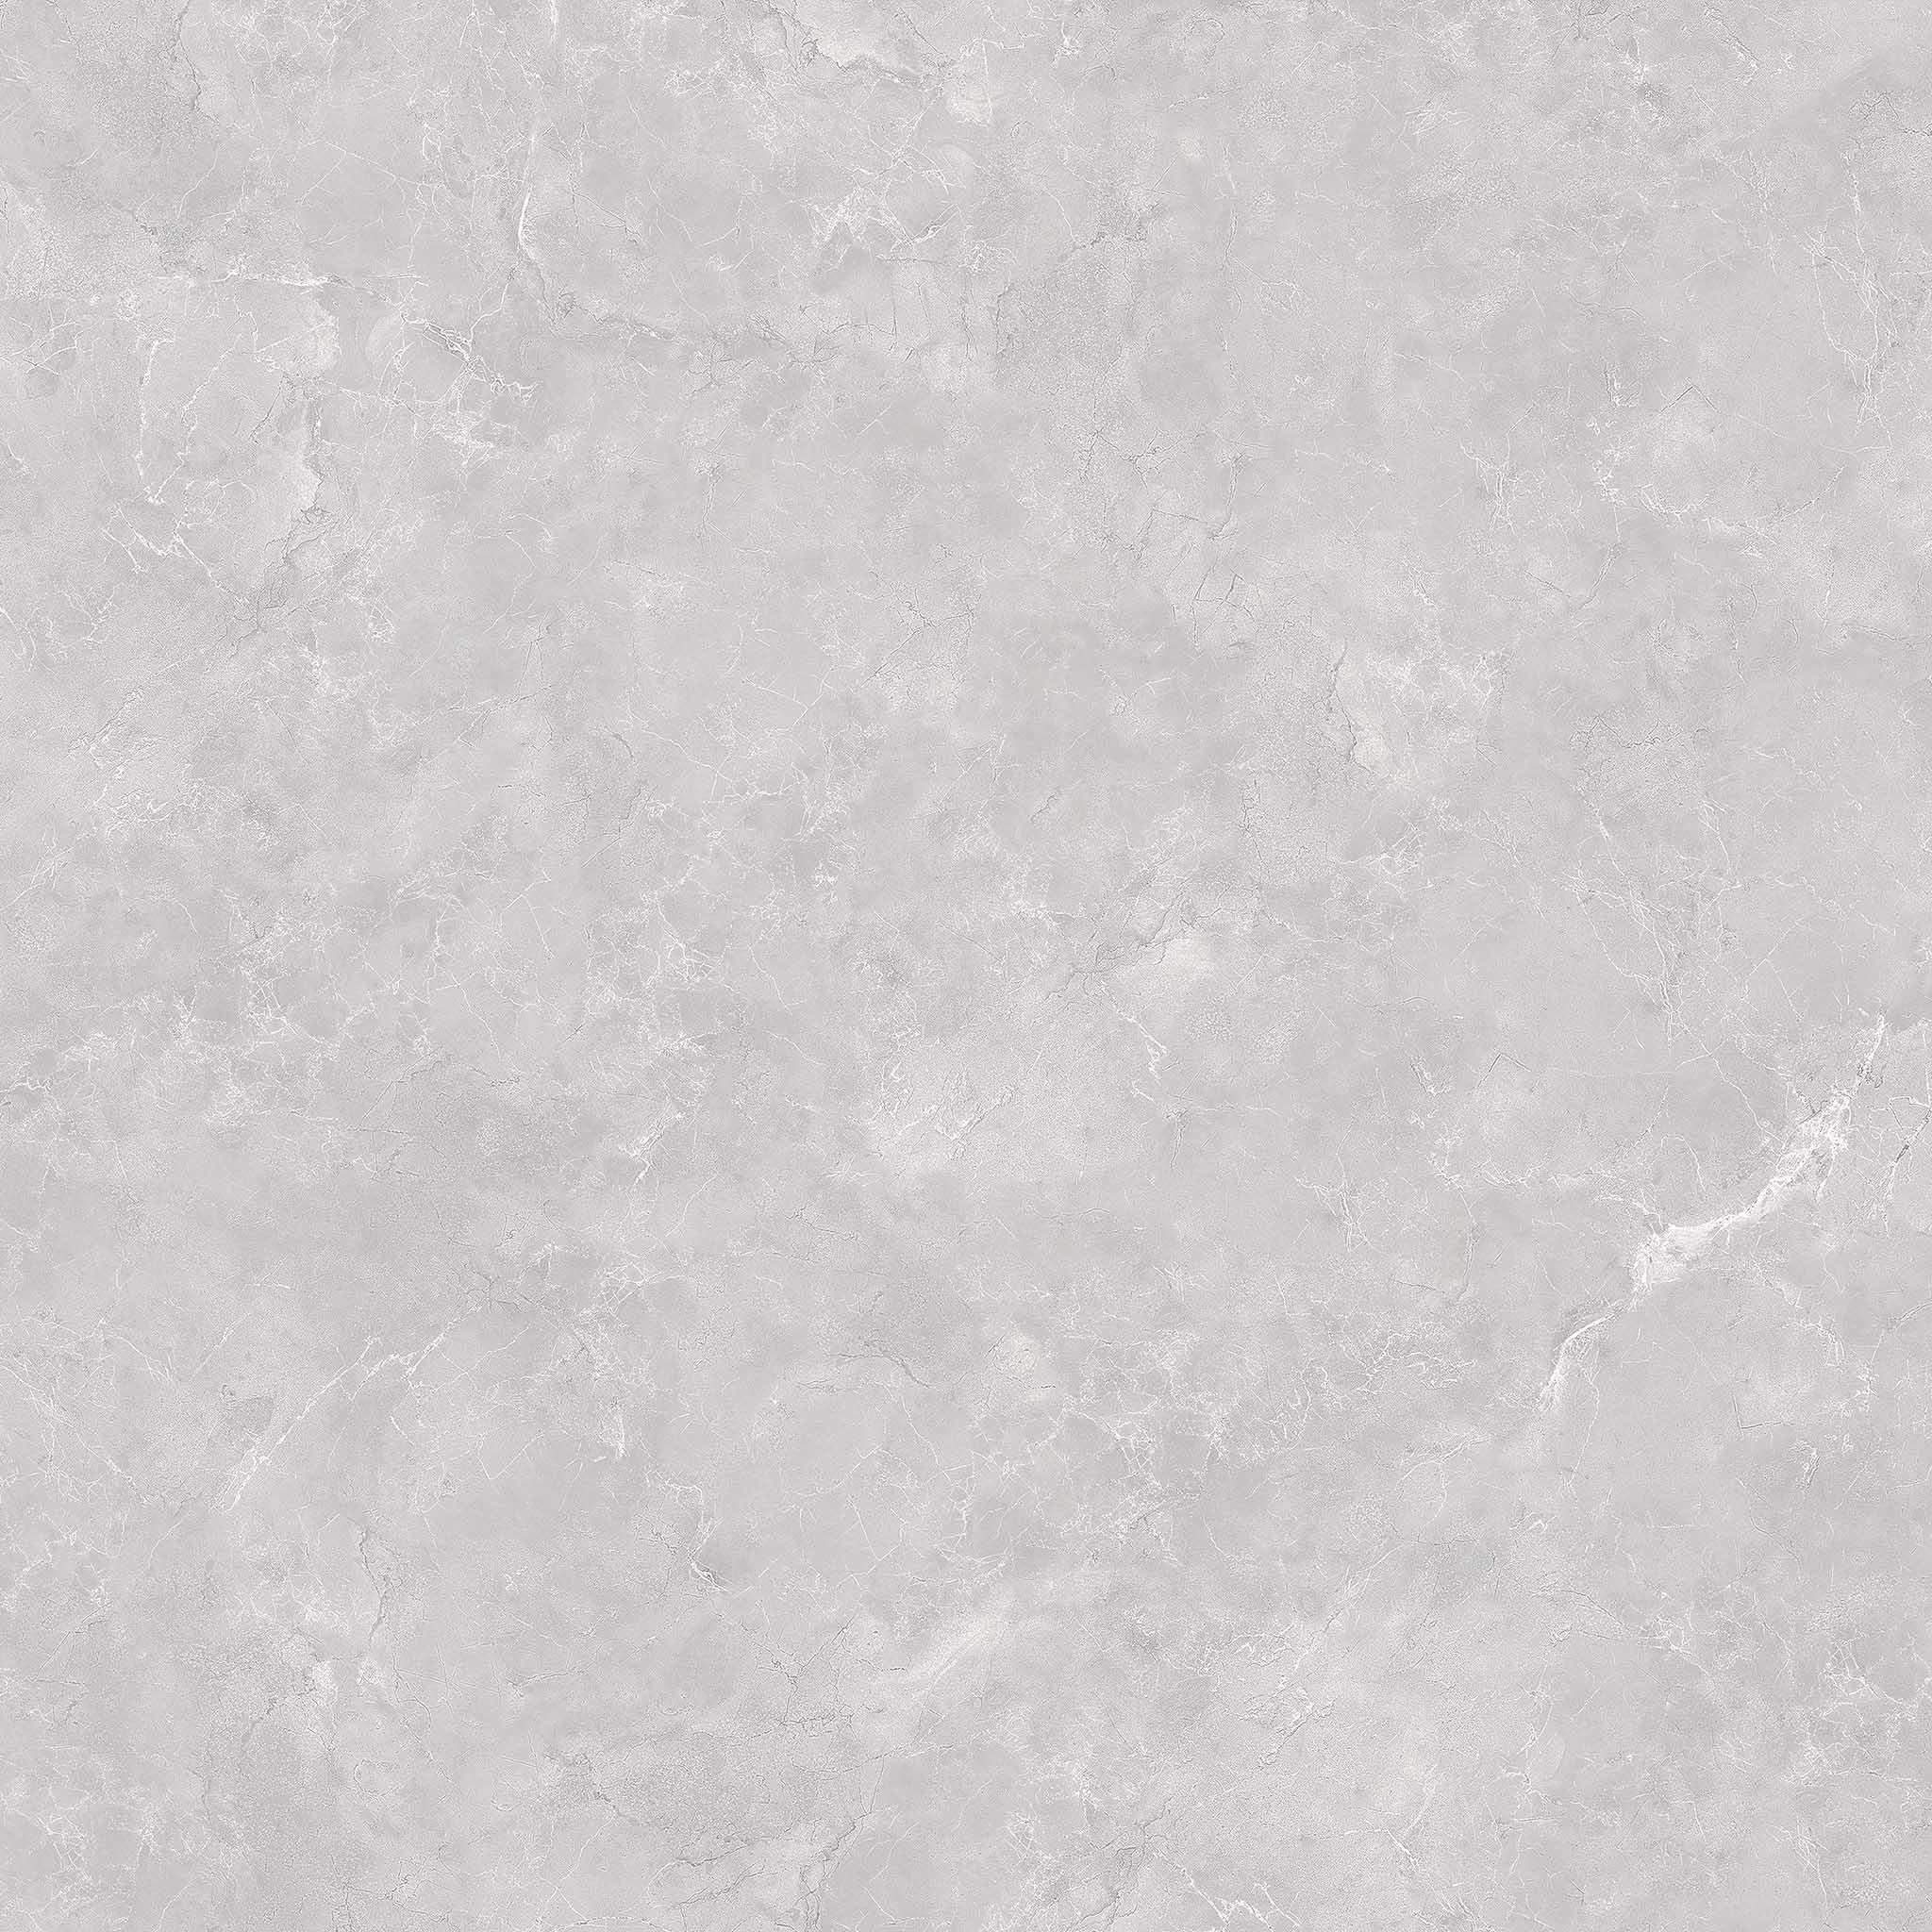 利华800×800通体大理石-P8T09L1庞贝石